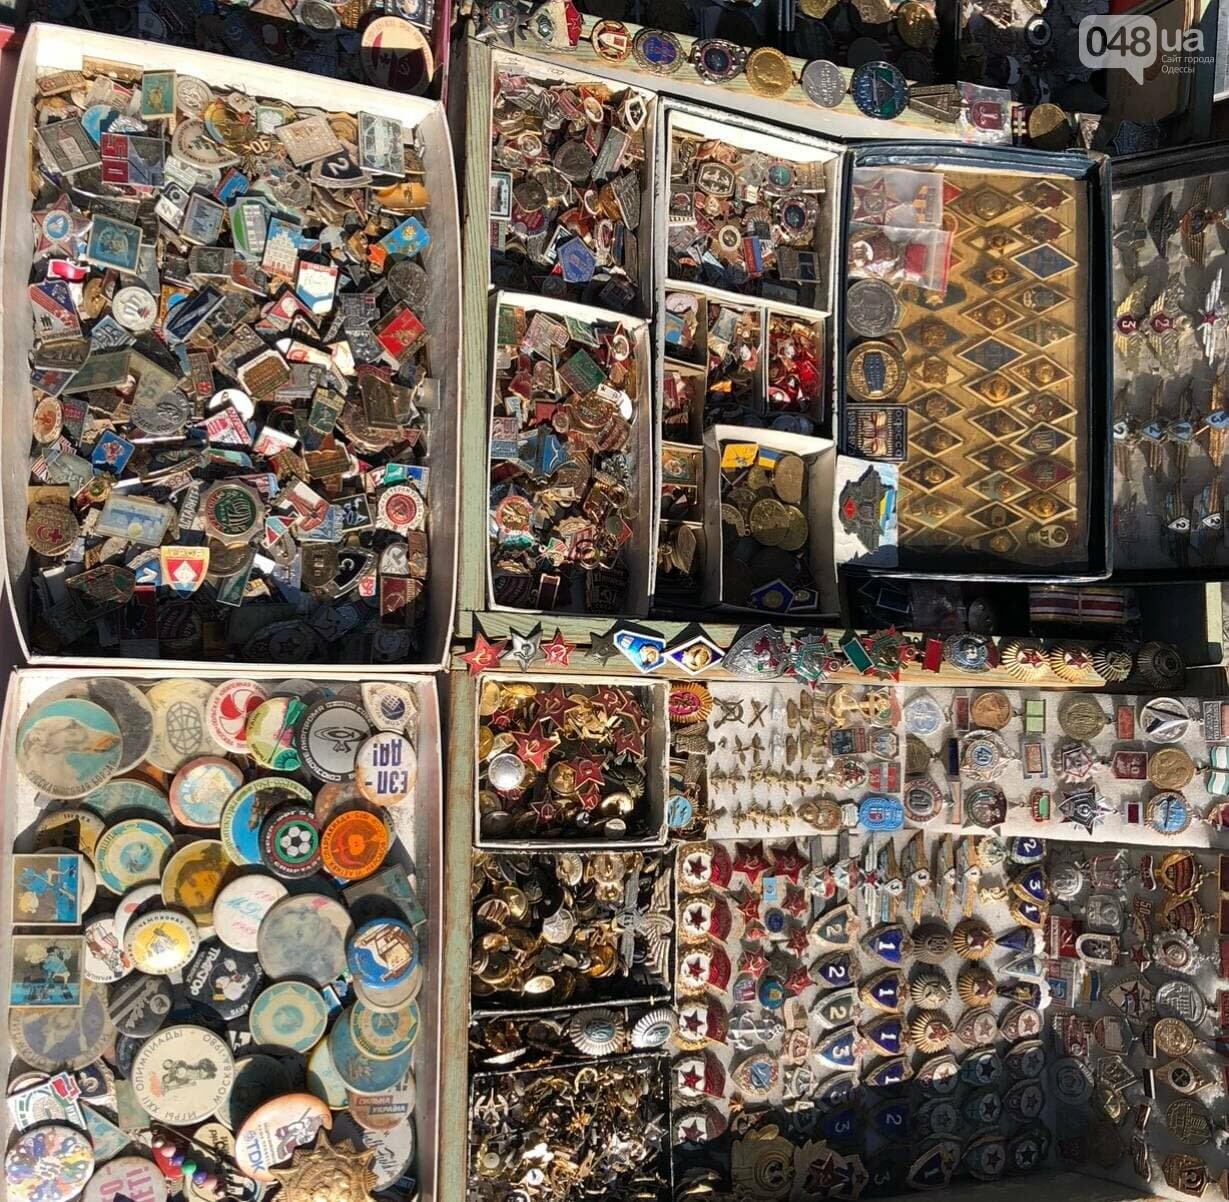 Антикварная посуда, старинные монеты и часы: что продают на одесской Староконке, - ФОТОПЯТНИЦА , фото-12